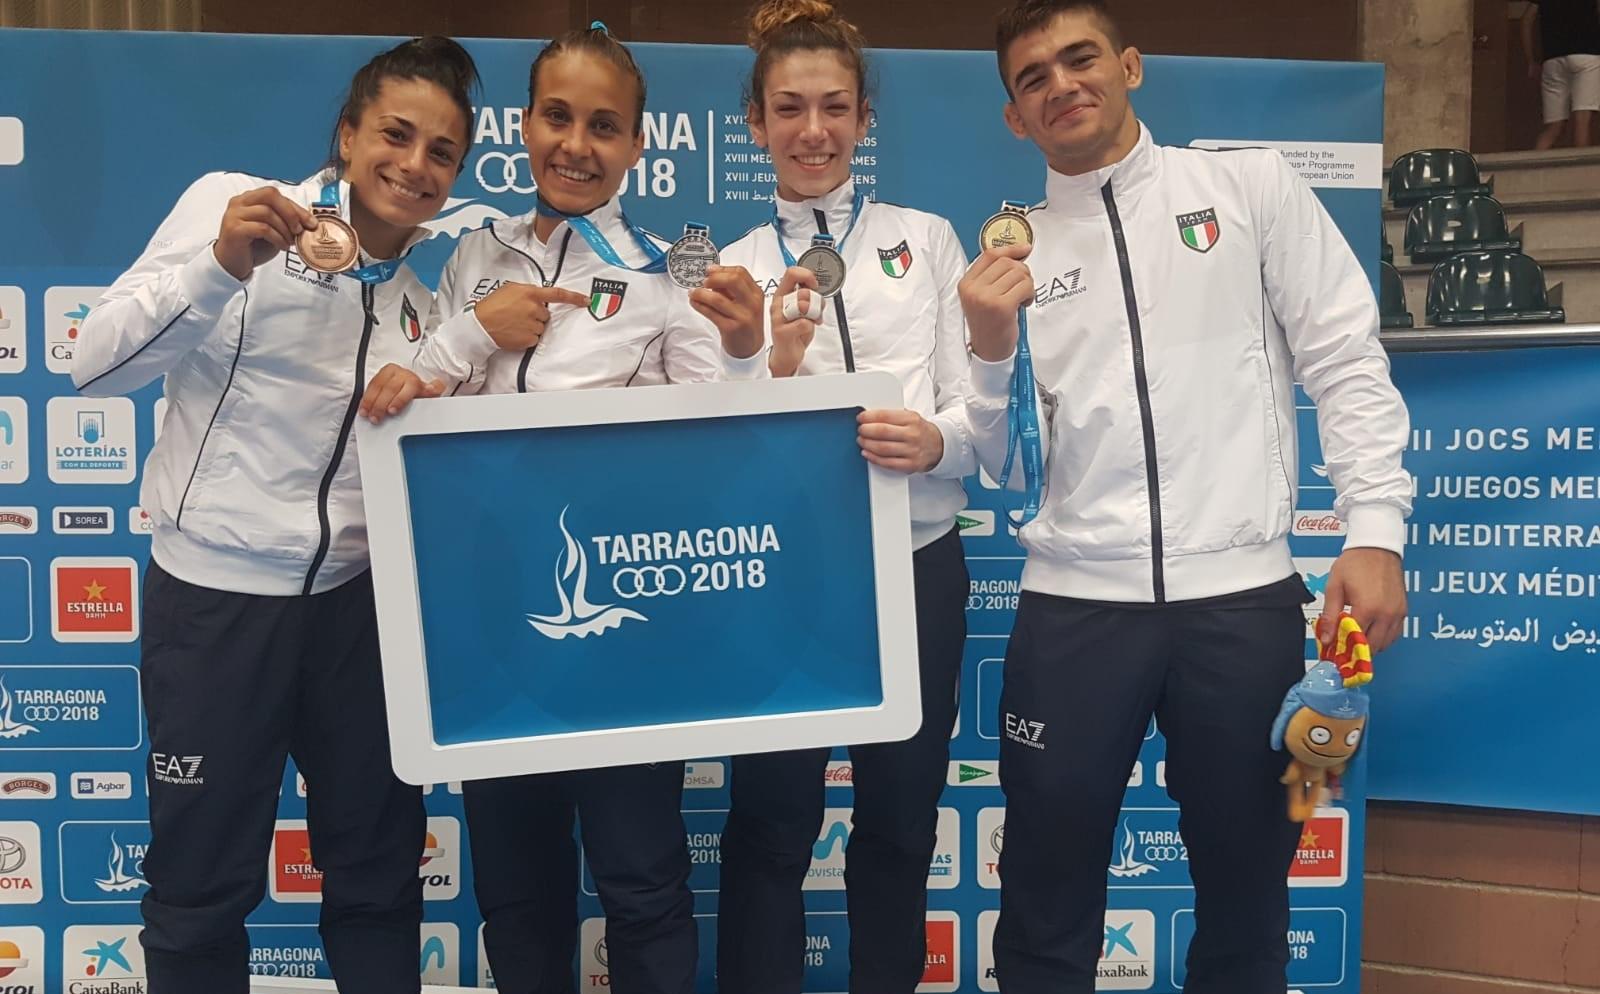 Waza-Ari d'oro per Manuel Lombardo. Giuffrida e Boi d'argento, bronzo Milani